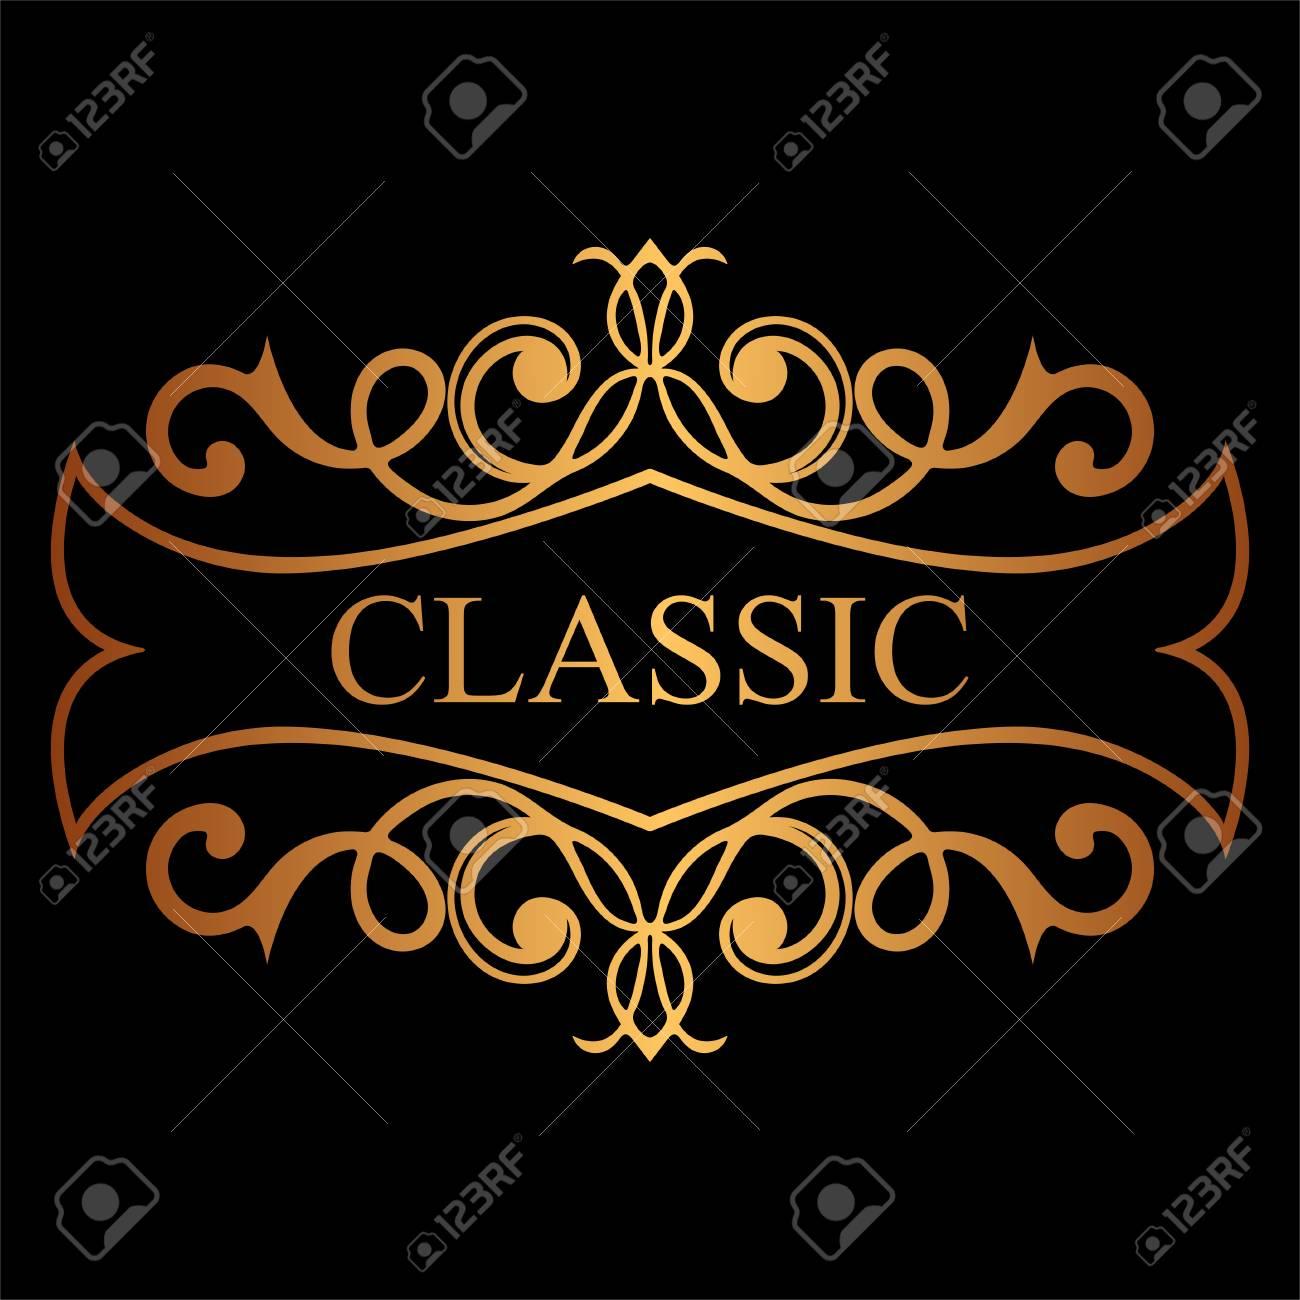 Golden Vintage Calligraphic Label Ornate Logo Template For Design